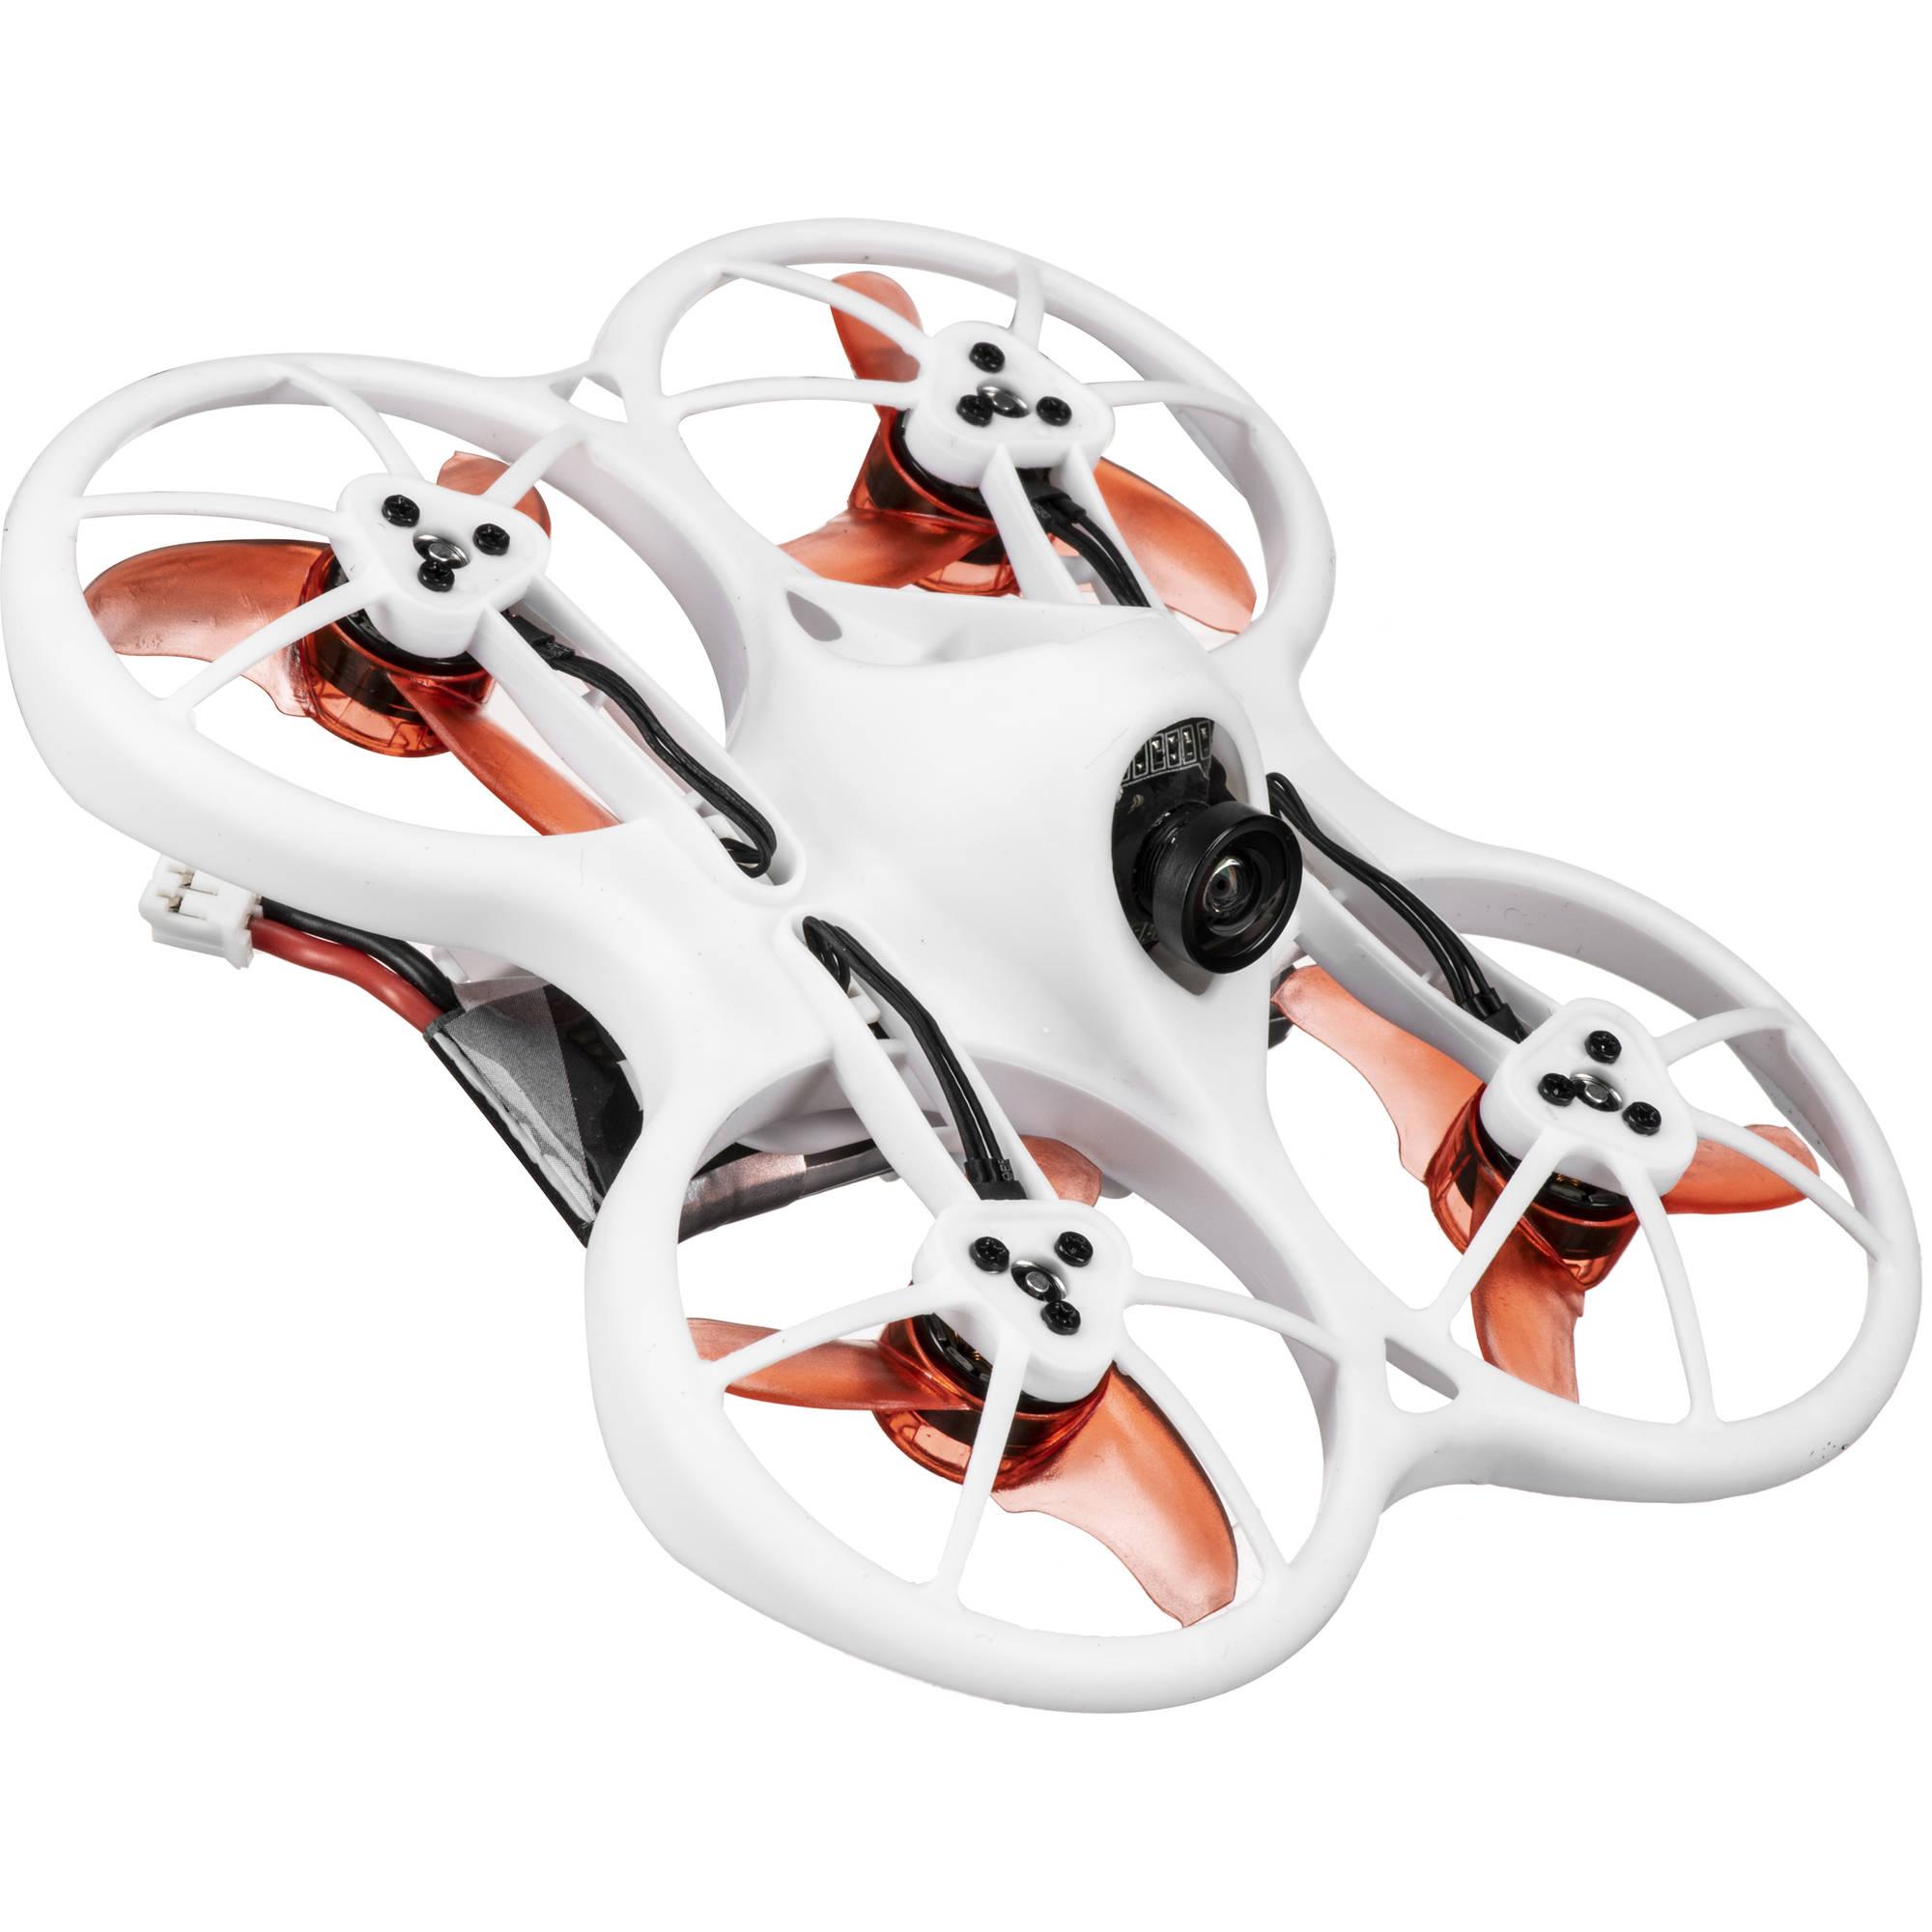 EMAX Tinyhawk Micro Indoor Racing Drone (BNF)